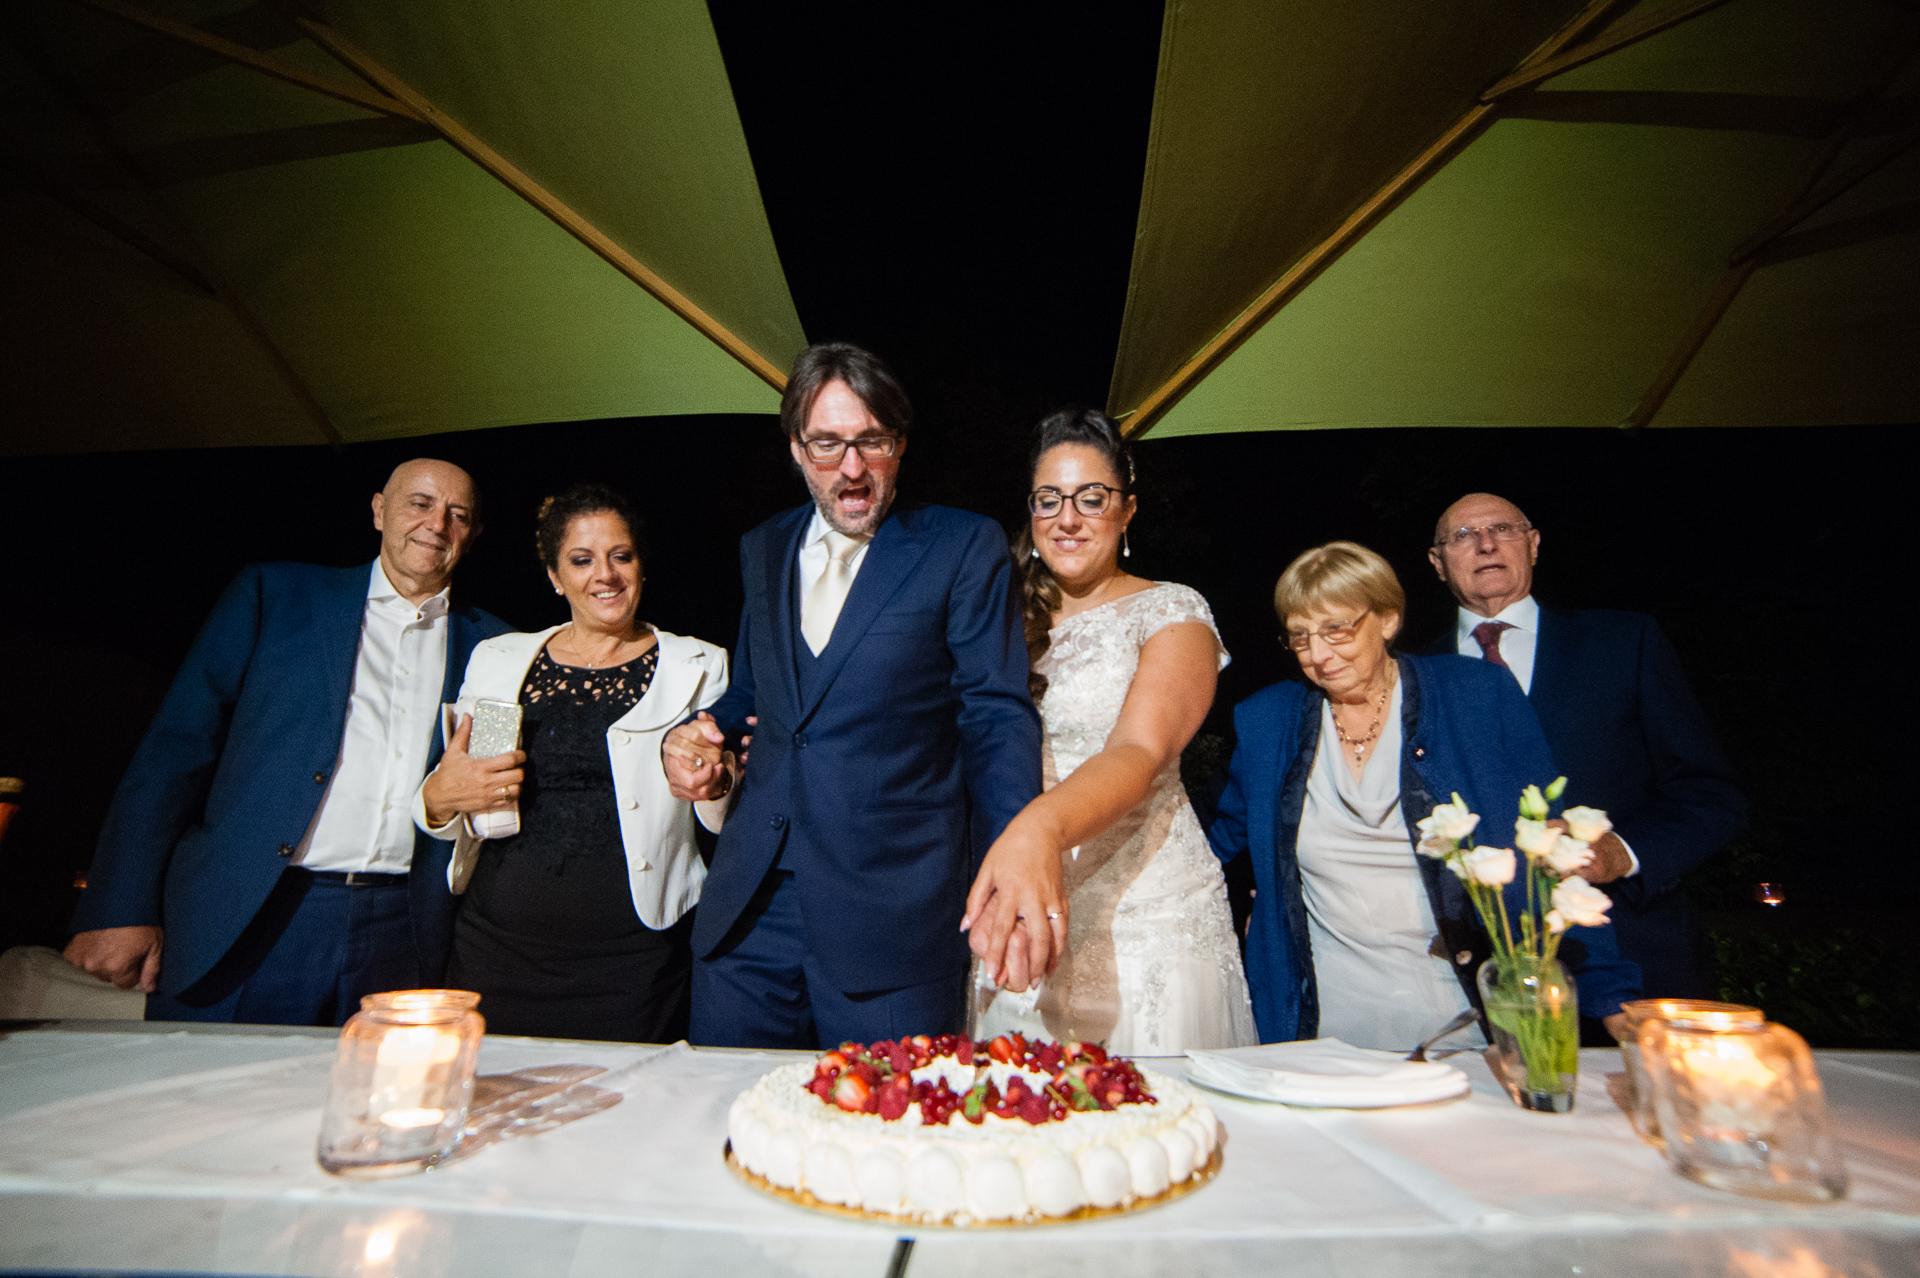 Erbusco, Italien Elopements und Empfangsfotografie | Das Schneiden der Hochzeitstorte mit ihren Eltern